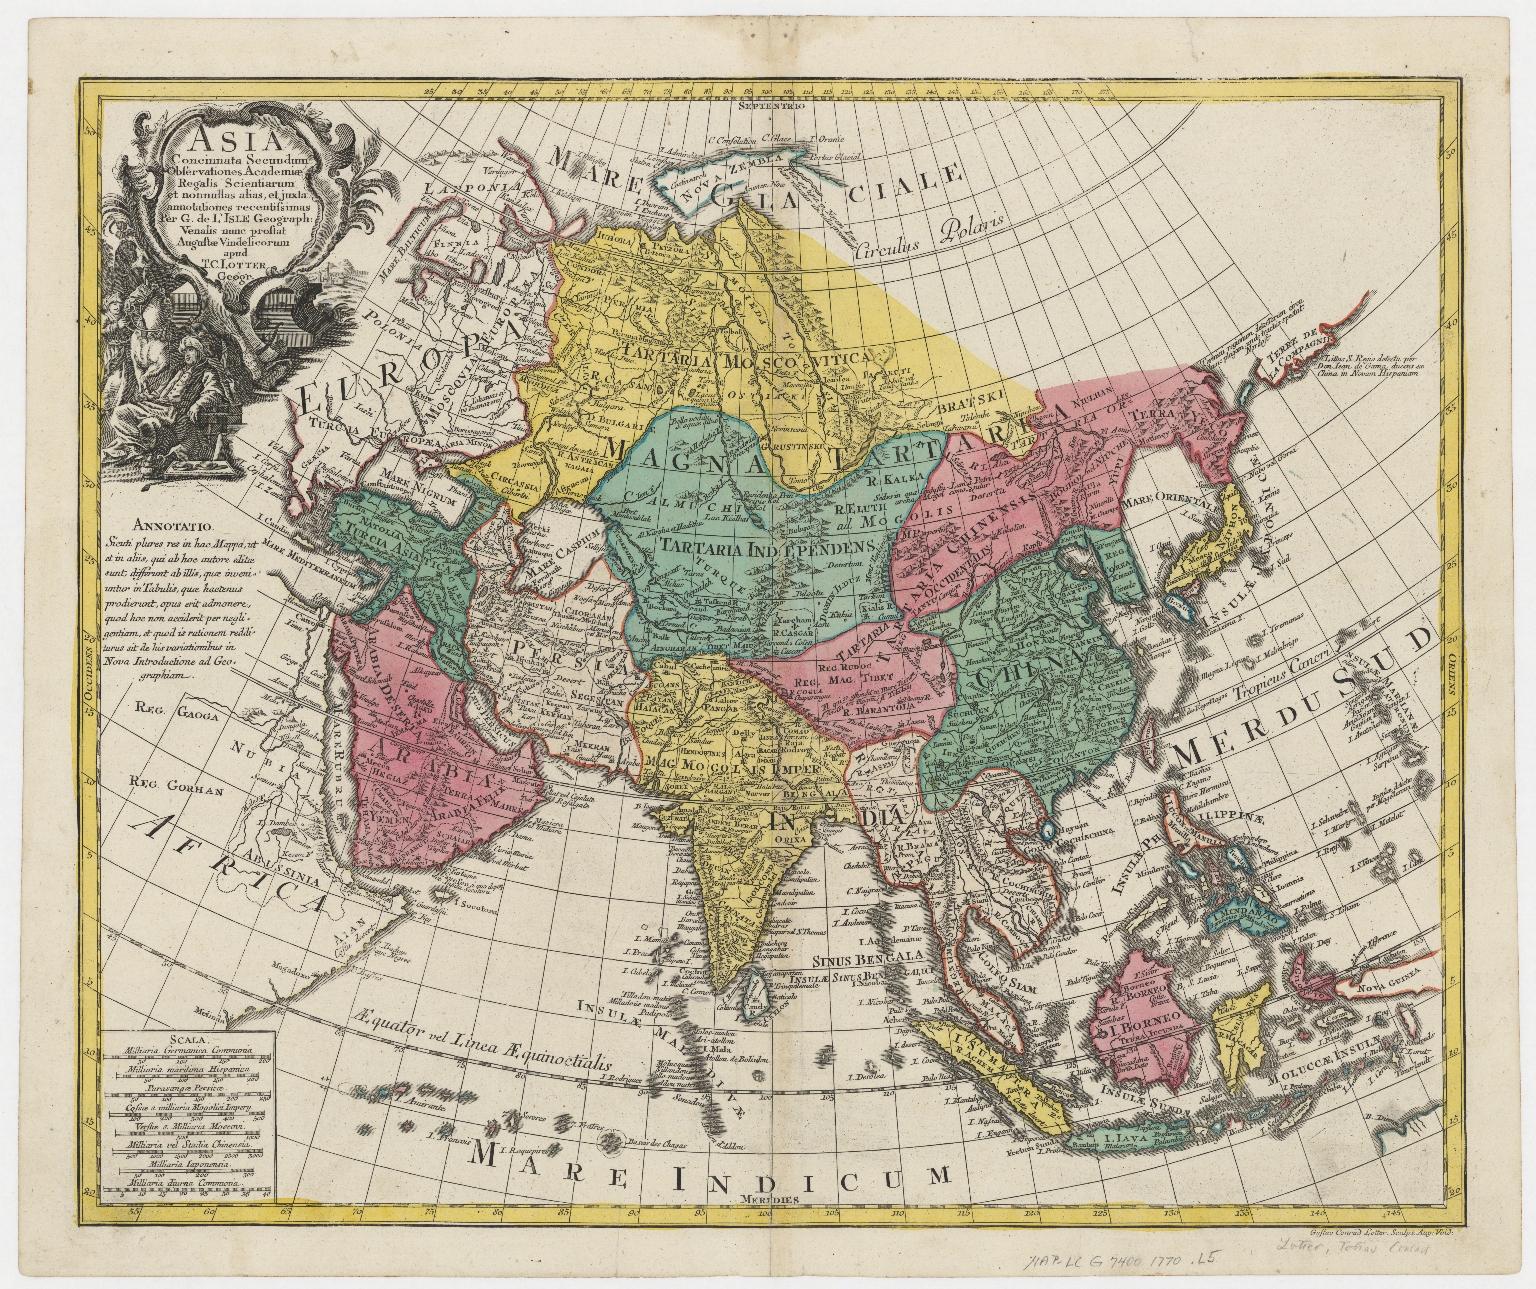 Asia concinnata secundum observationes Academiae Regalis Scientiarum et nonnullas alias, et juxta annotationes recentissimas